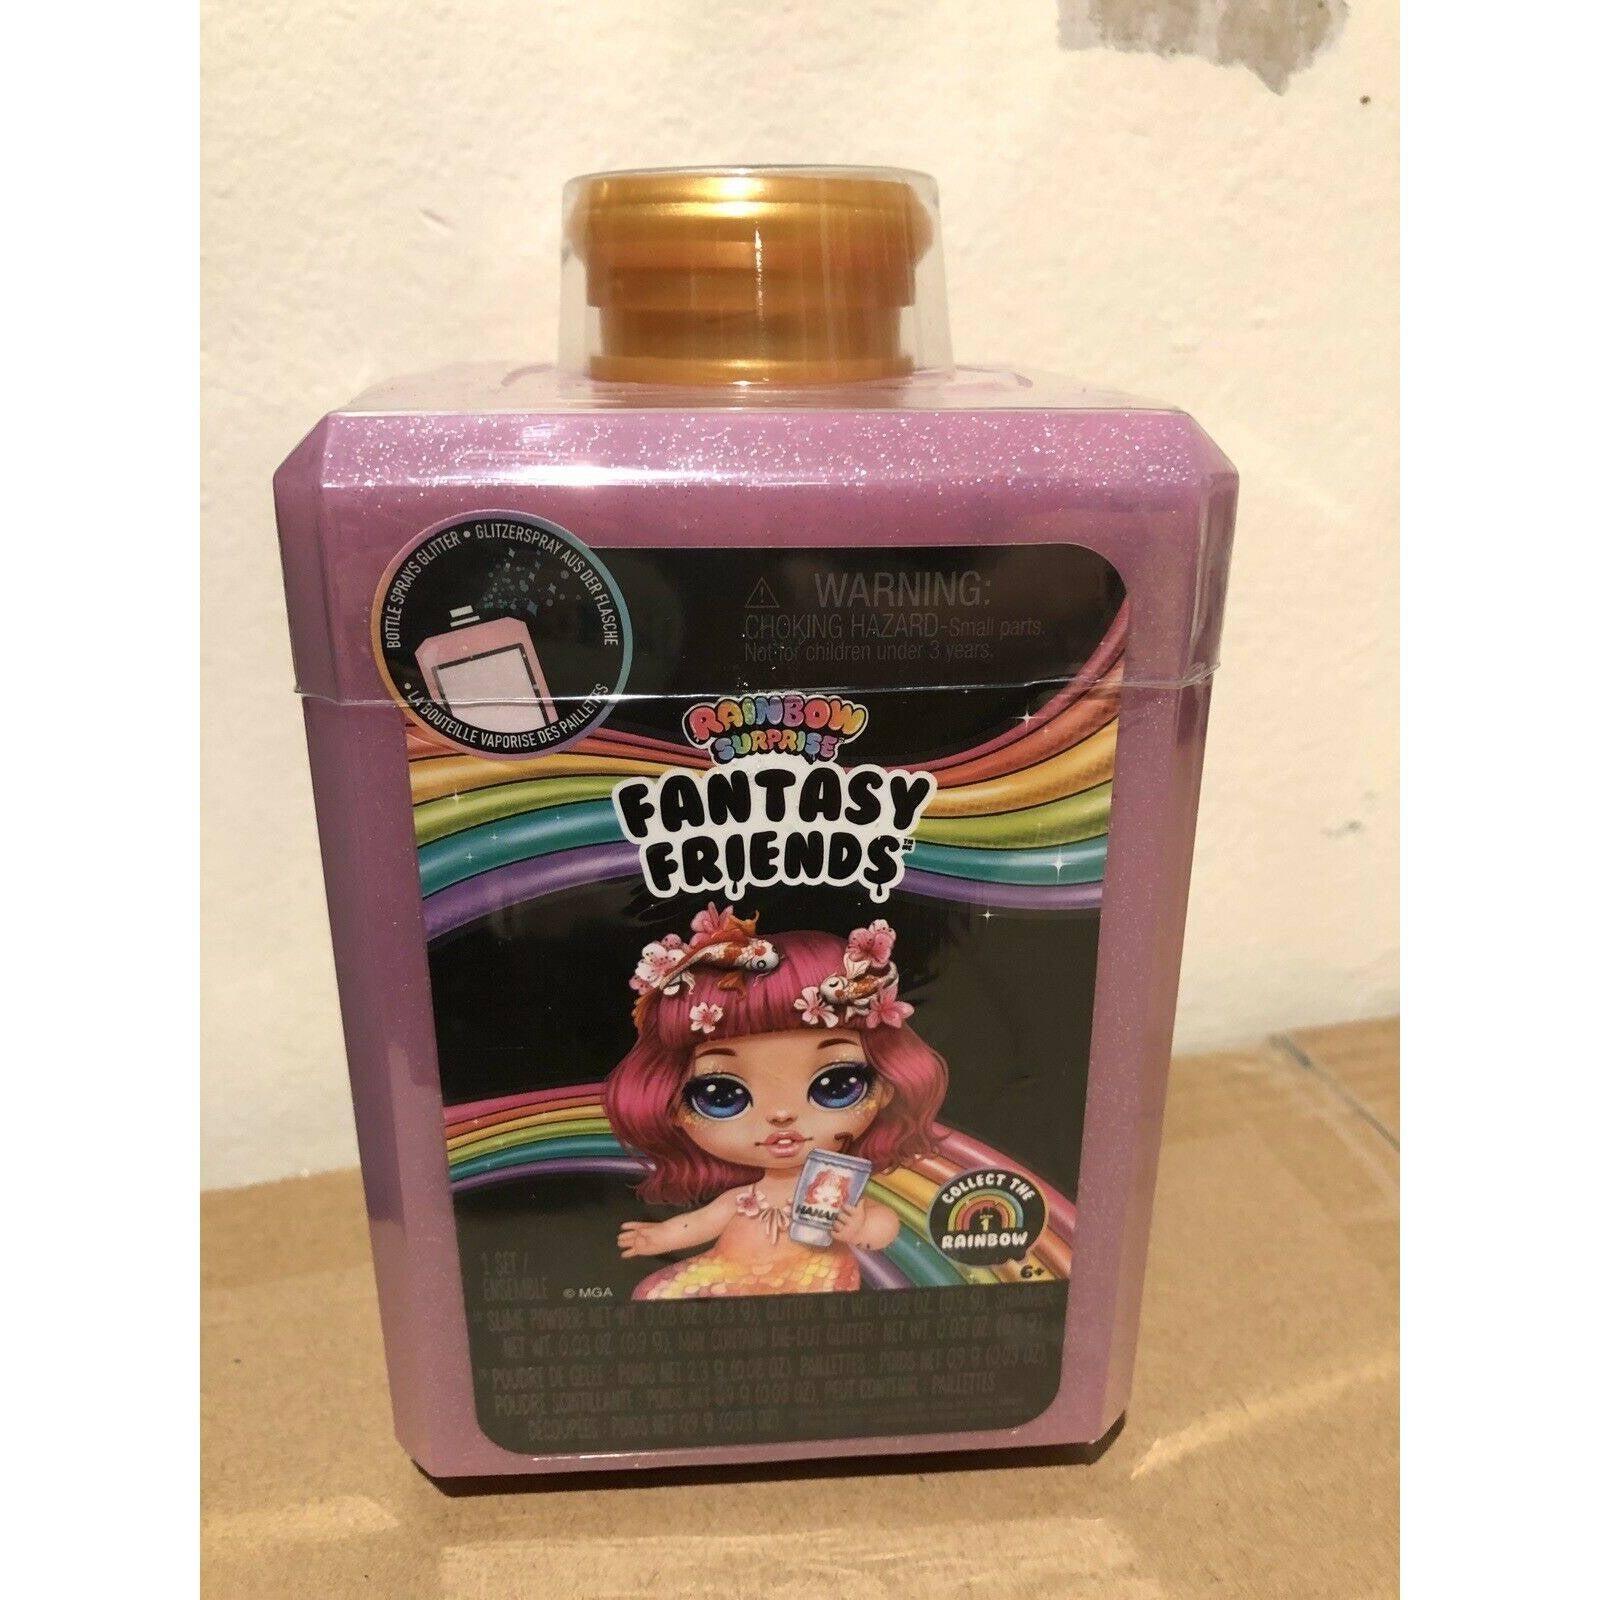 Poopsie Rainbow Surprise Fantasy Friends